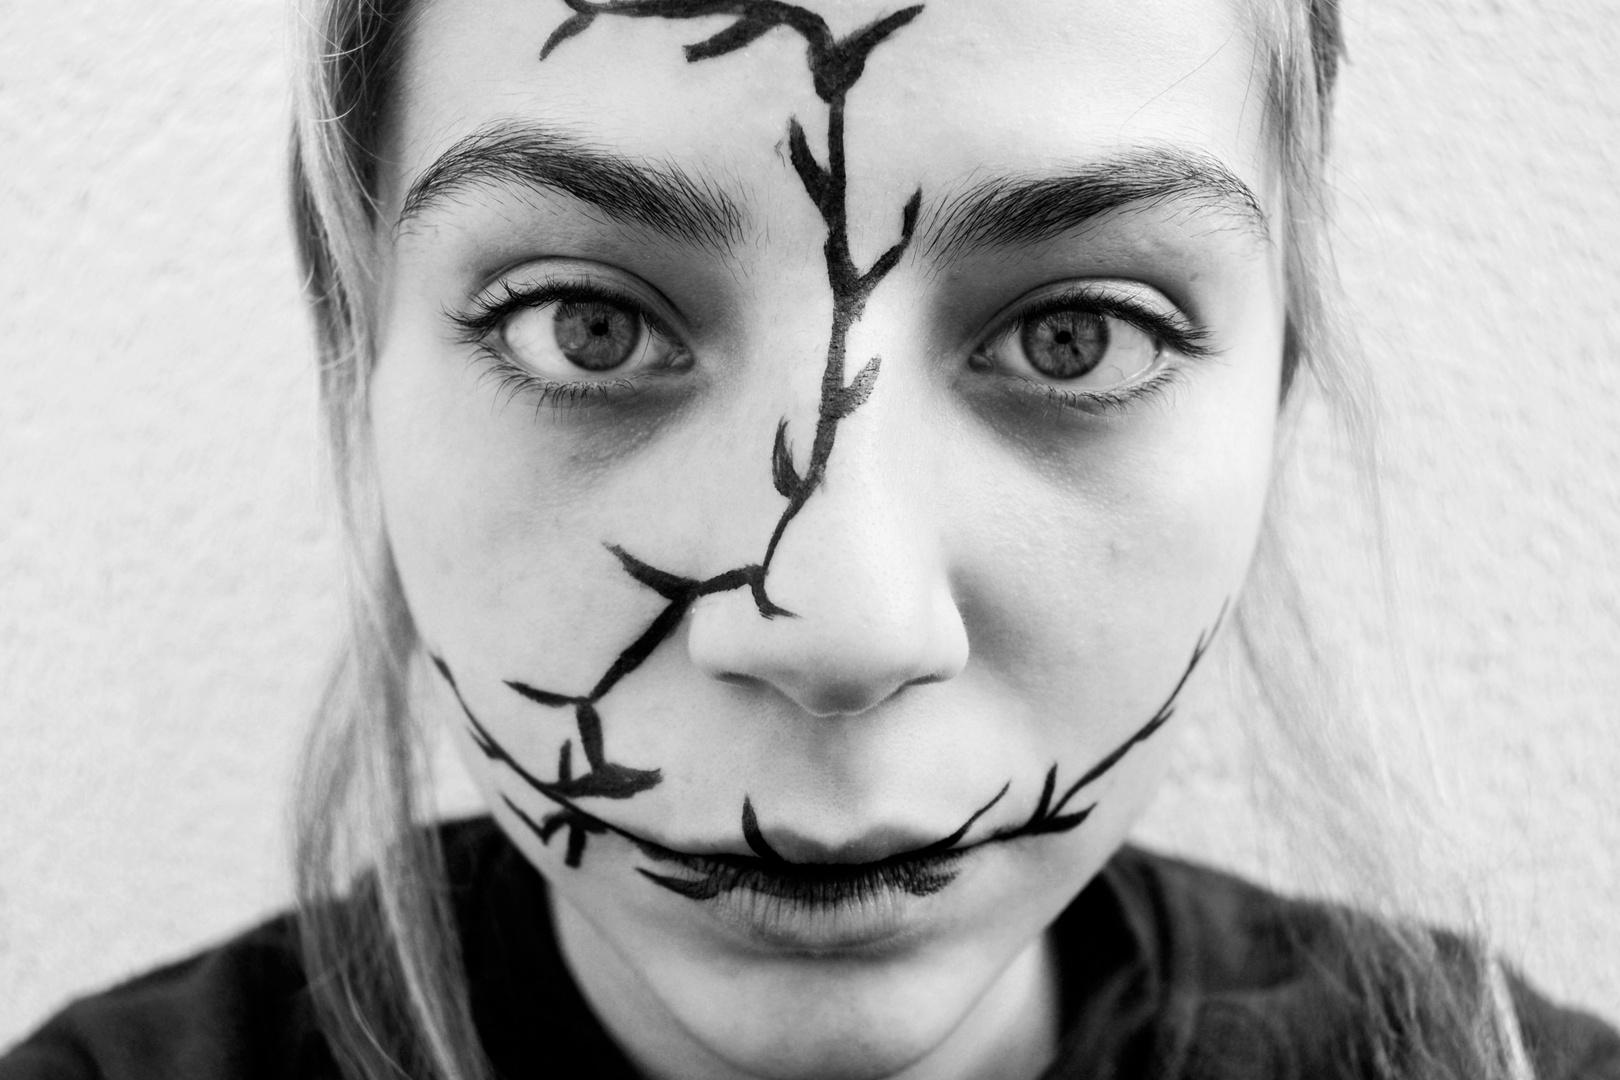 Es como si la locura floreciese. Pero en ramas muertas.